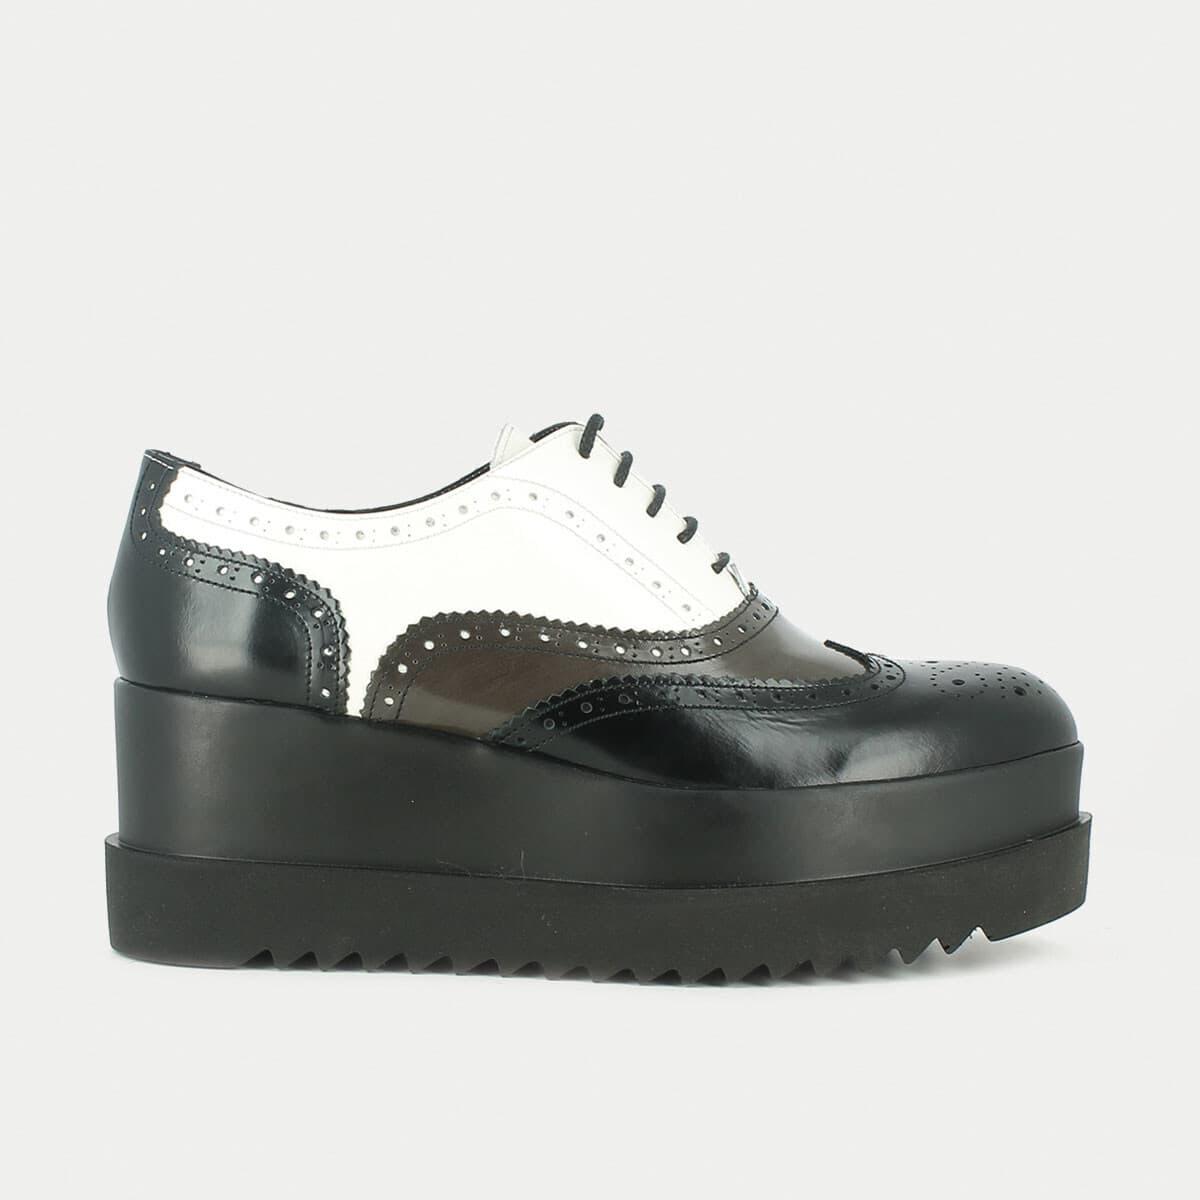 Chaussures femme derbies plateforme Jonak comparez et achetez